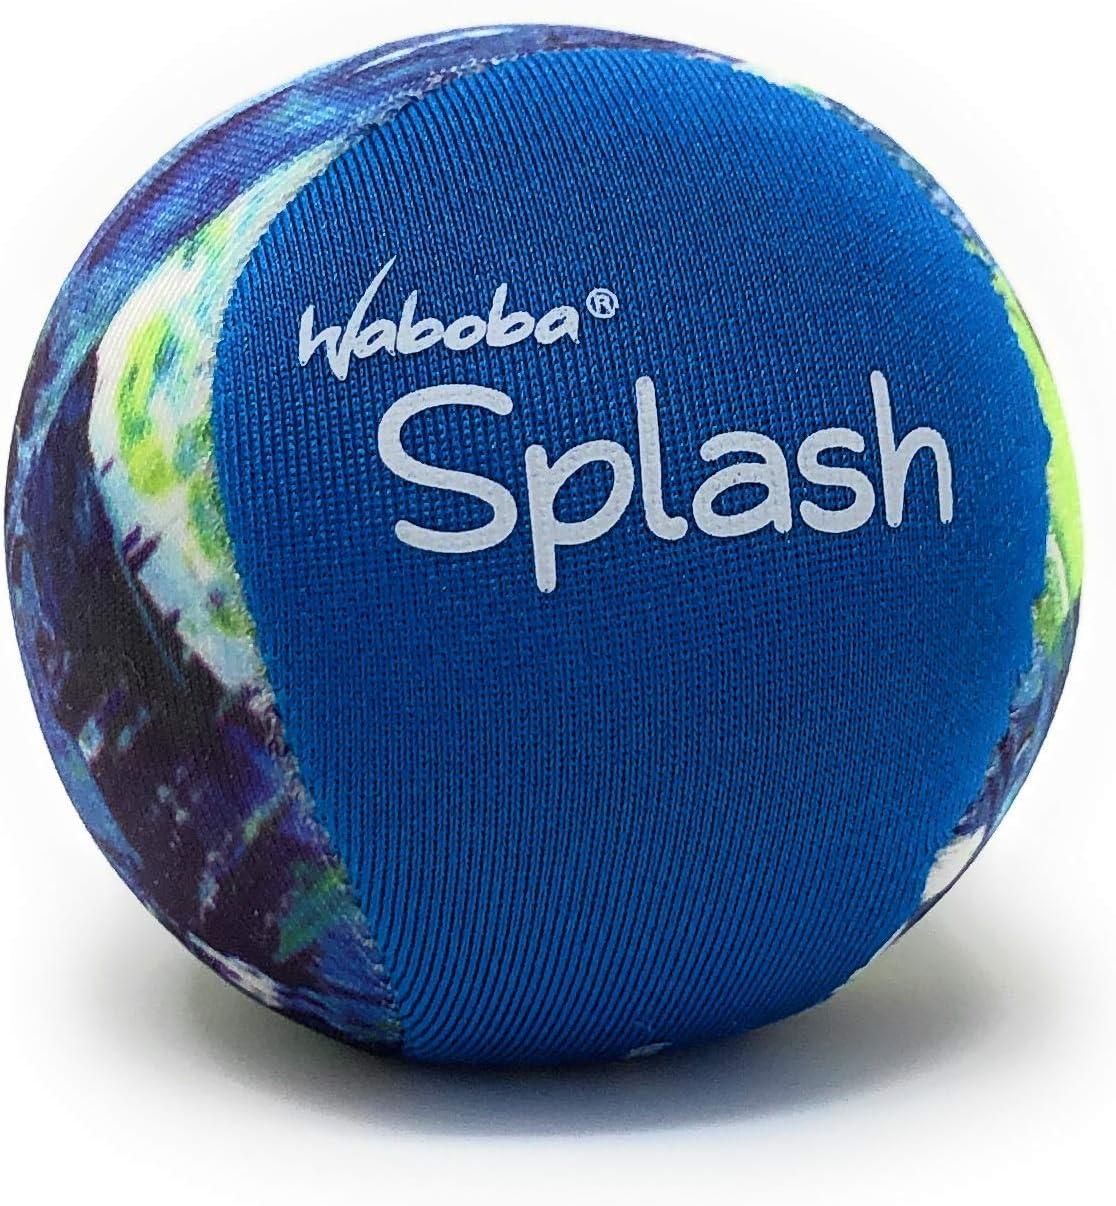 Water Bouncing Ball Waboba Splash Ball 2.0 Colors May Vary